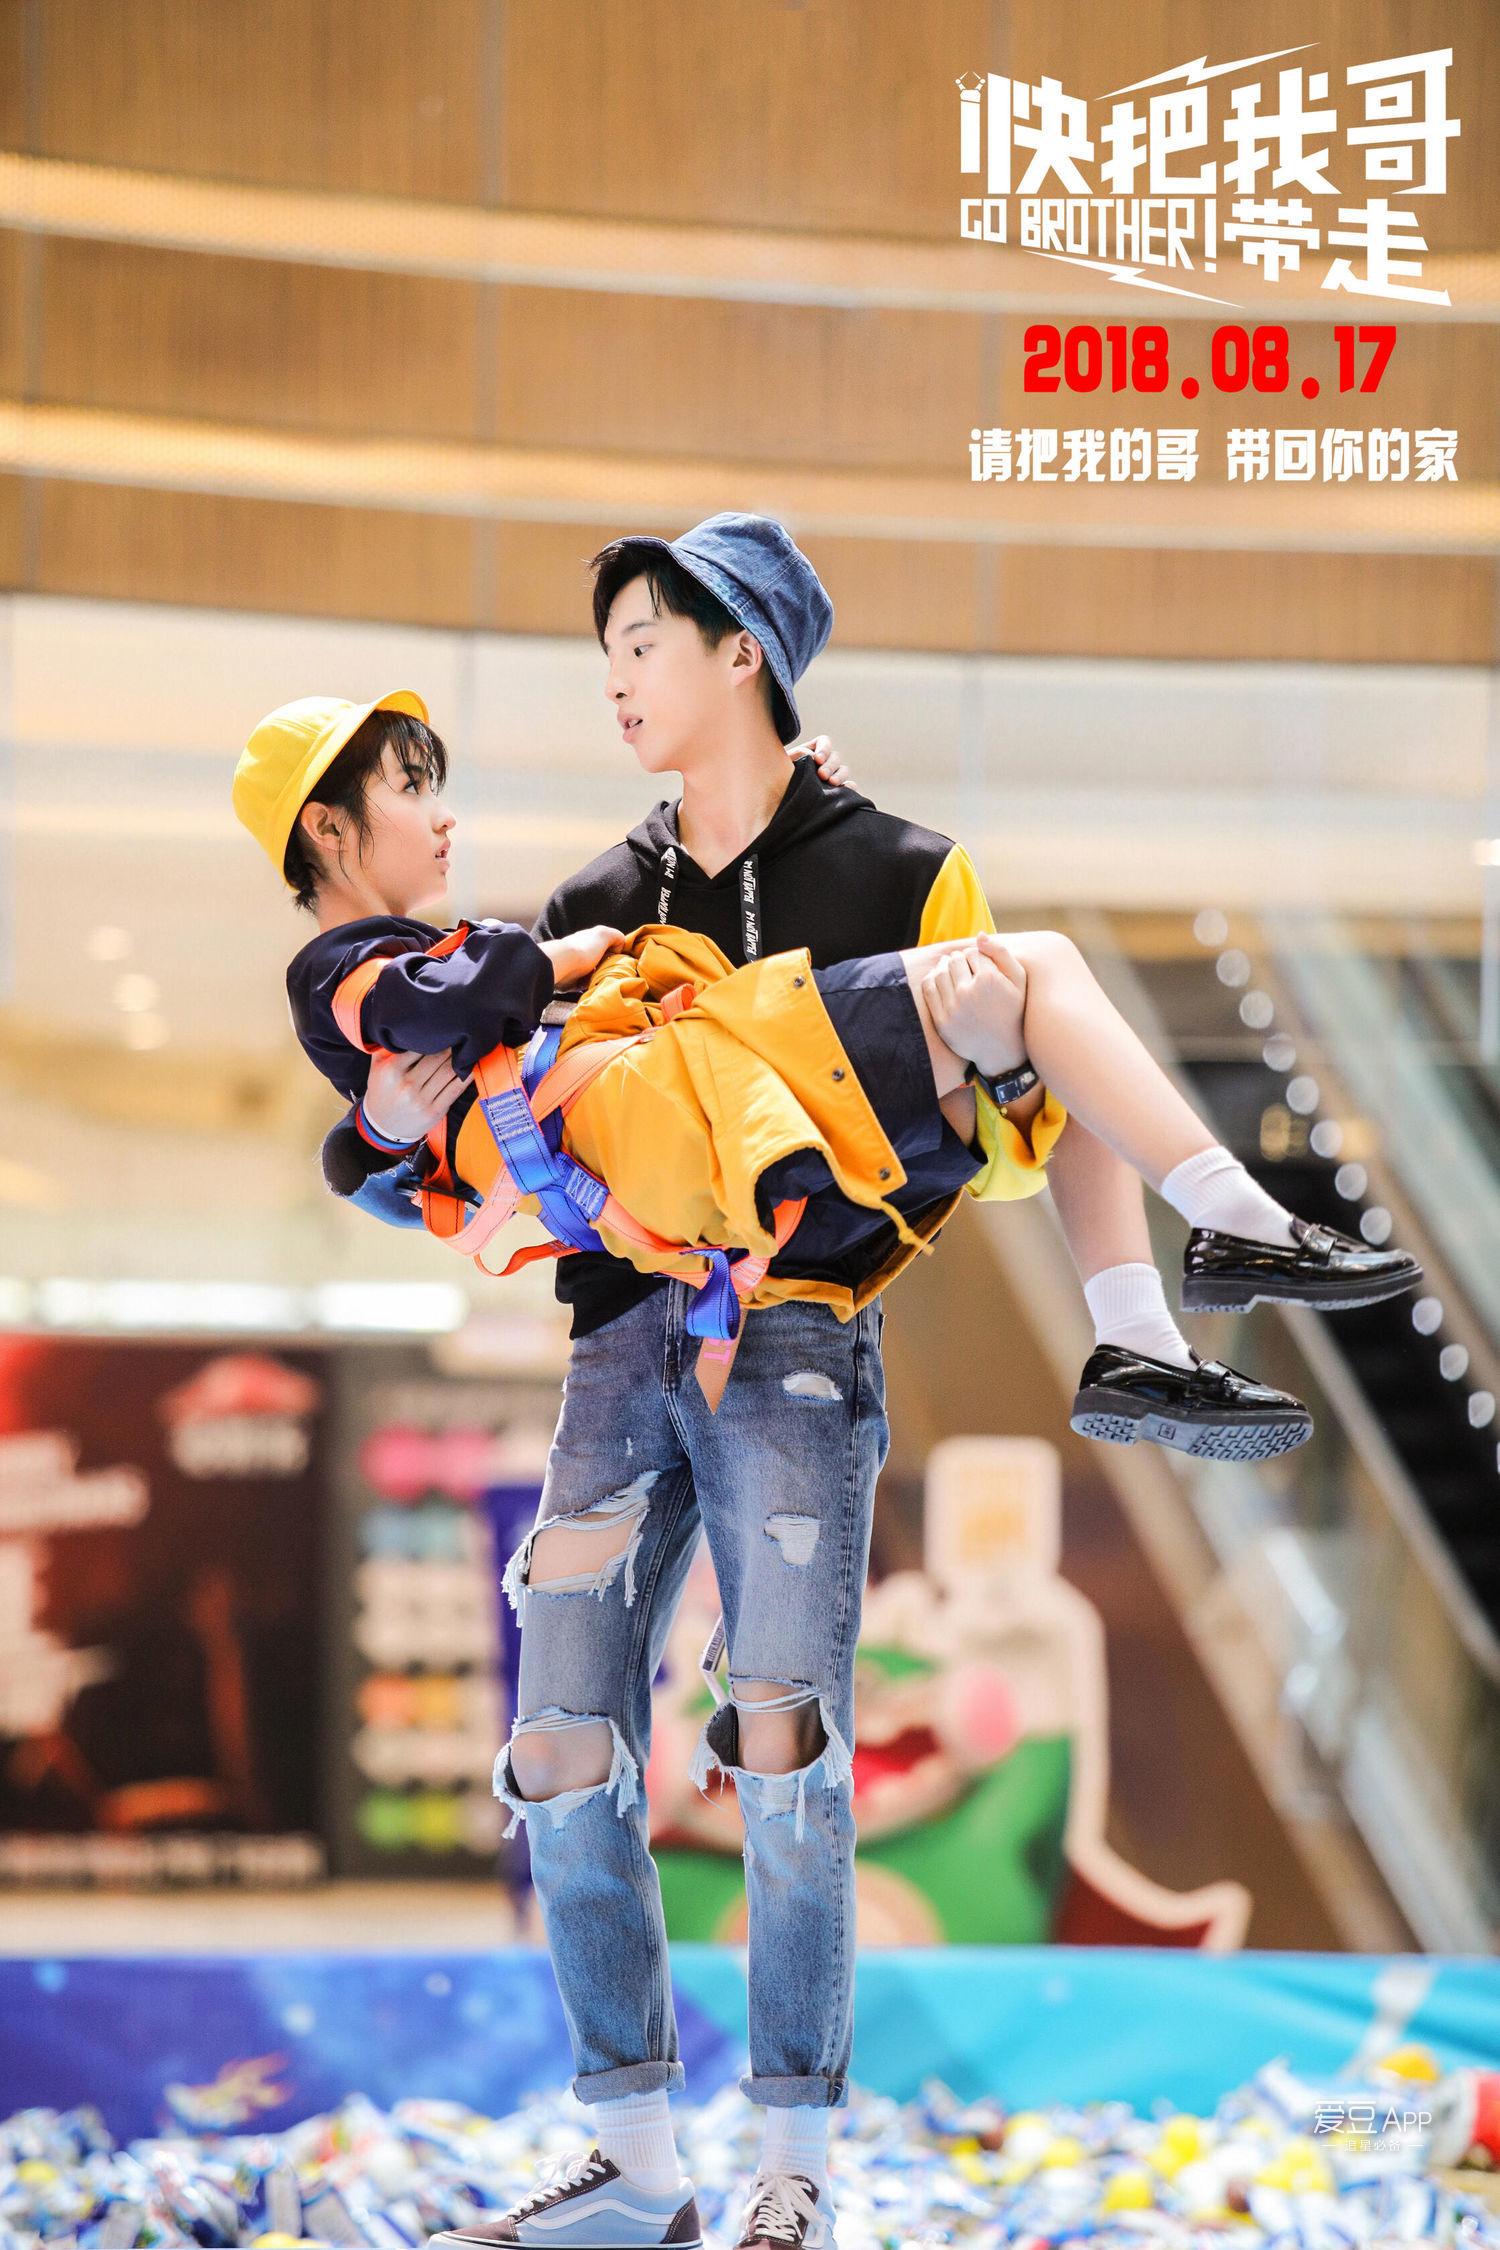 [电影]兄妹《快把我哥带走》主题曲mv正式发布张子枫彭昱畅消息分秒香港人员电影图片